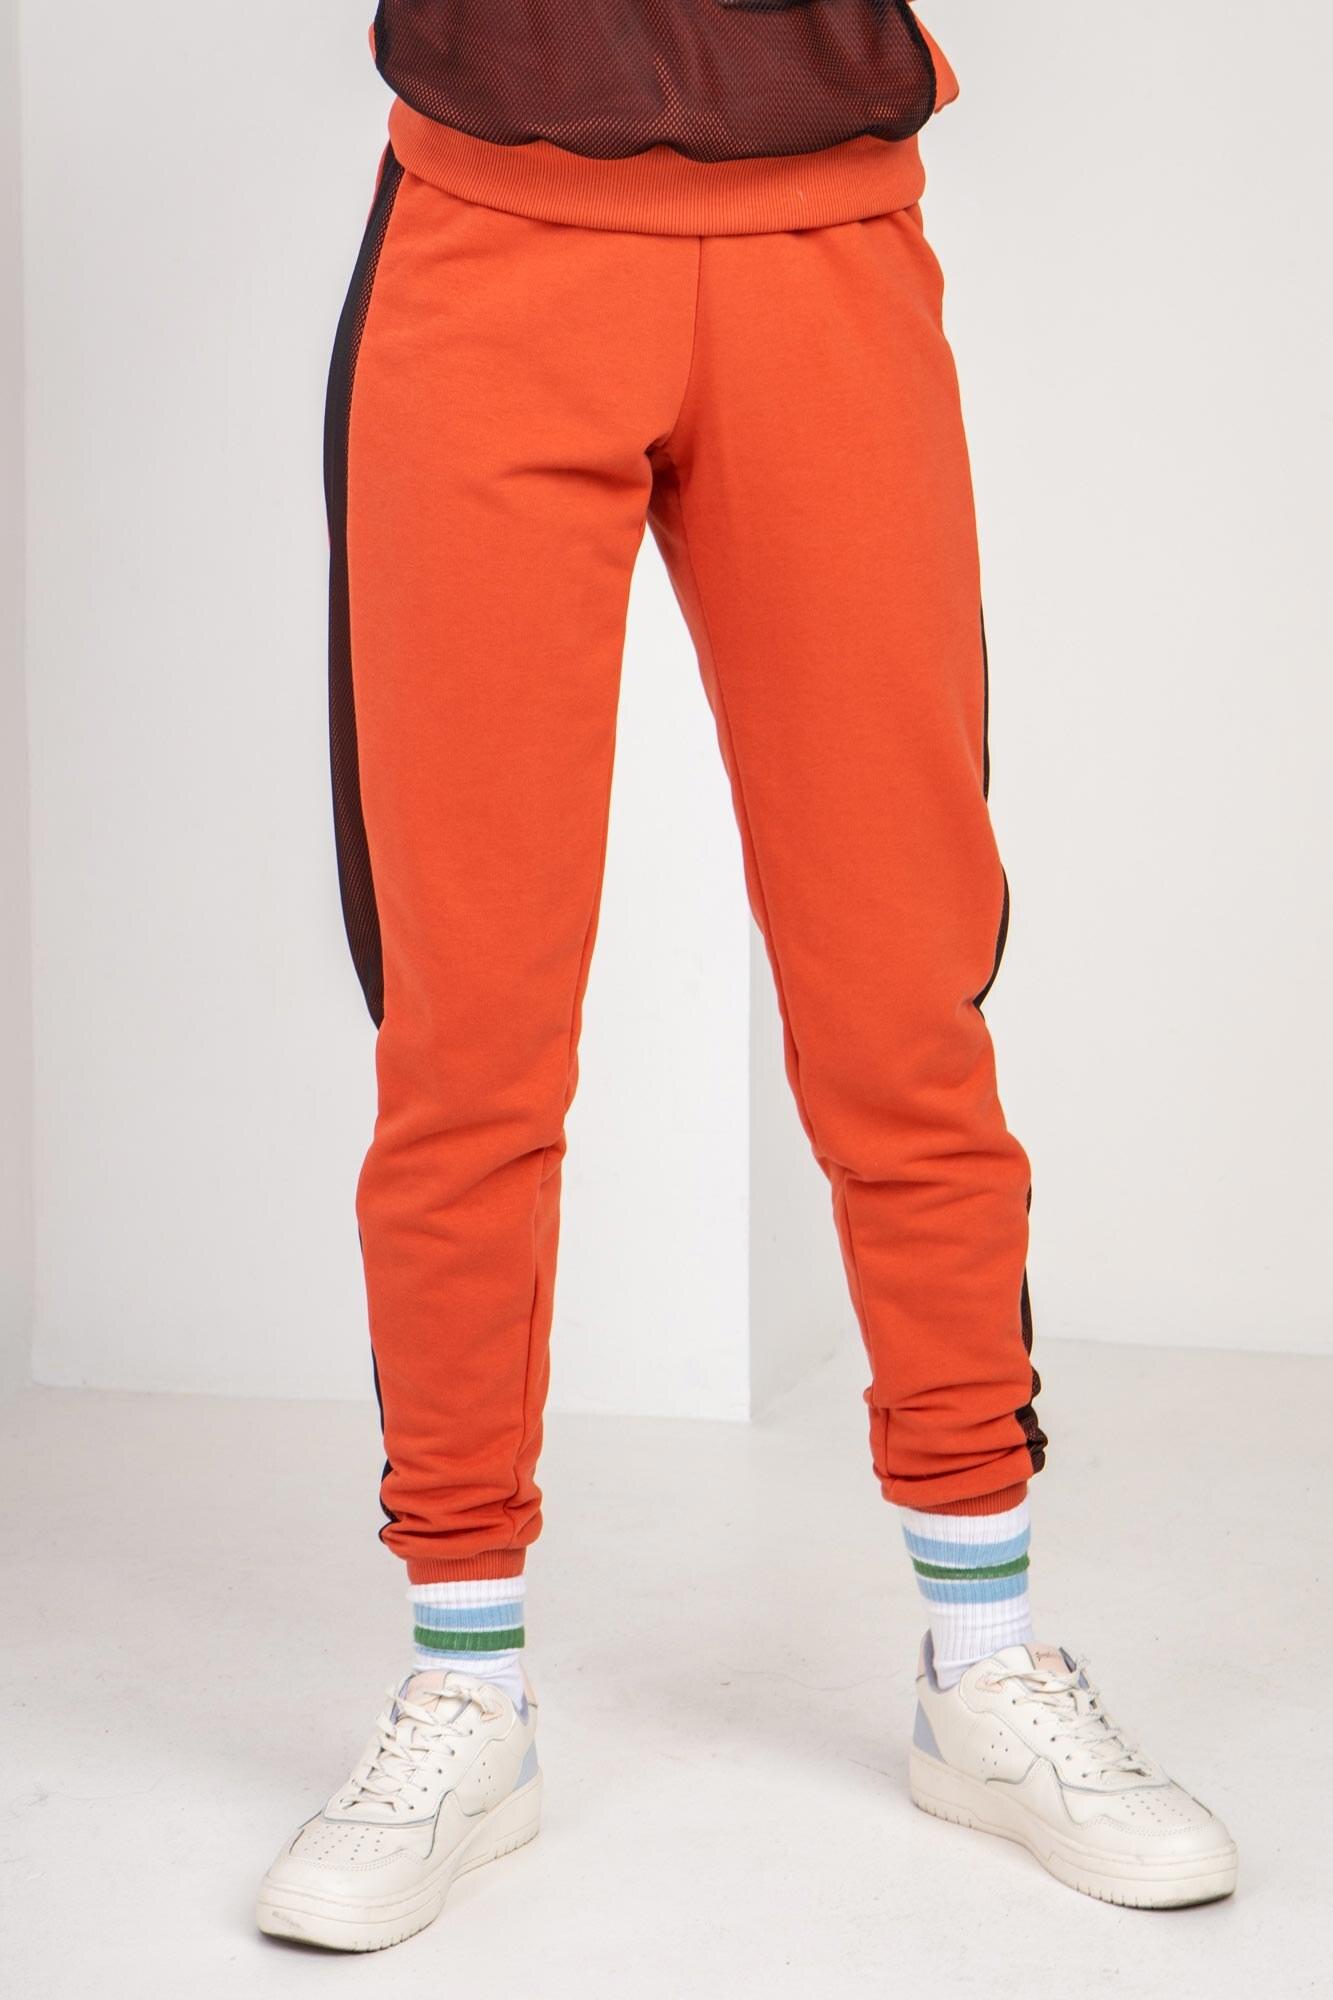 Трикотажные спортивные штаны LATE кирпичного цвета с рефлективом